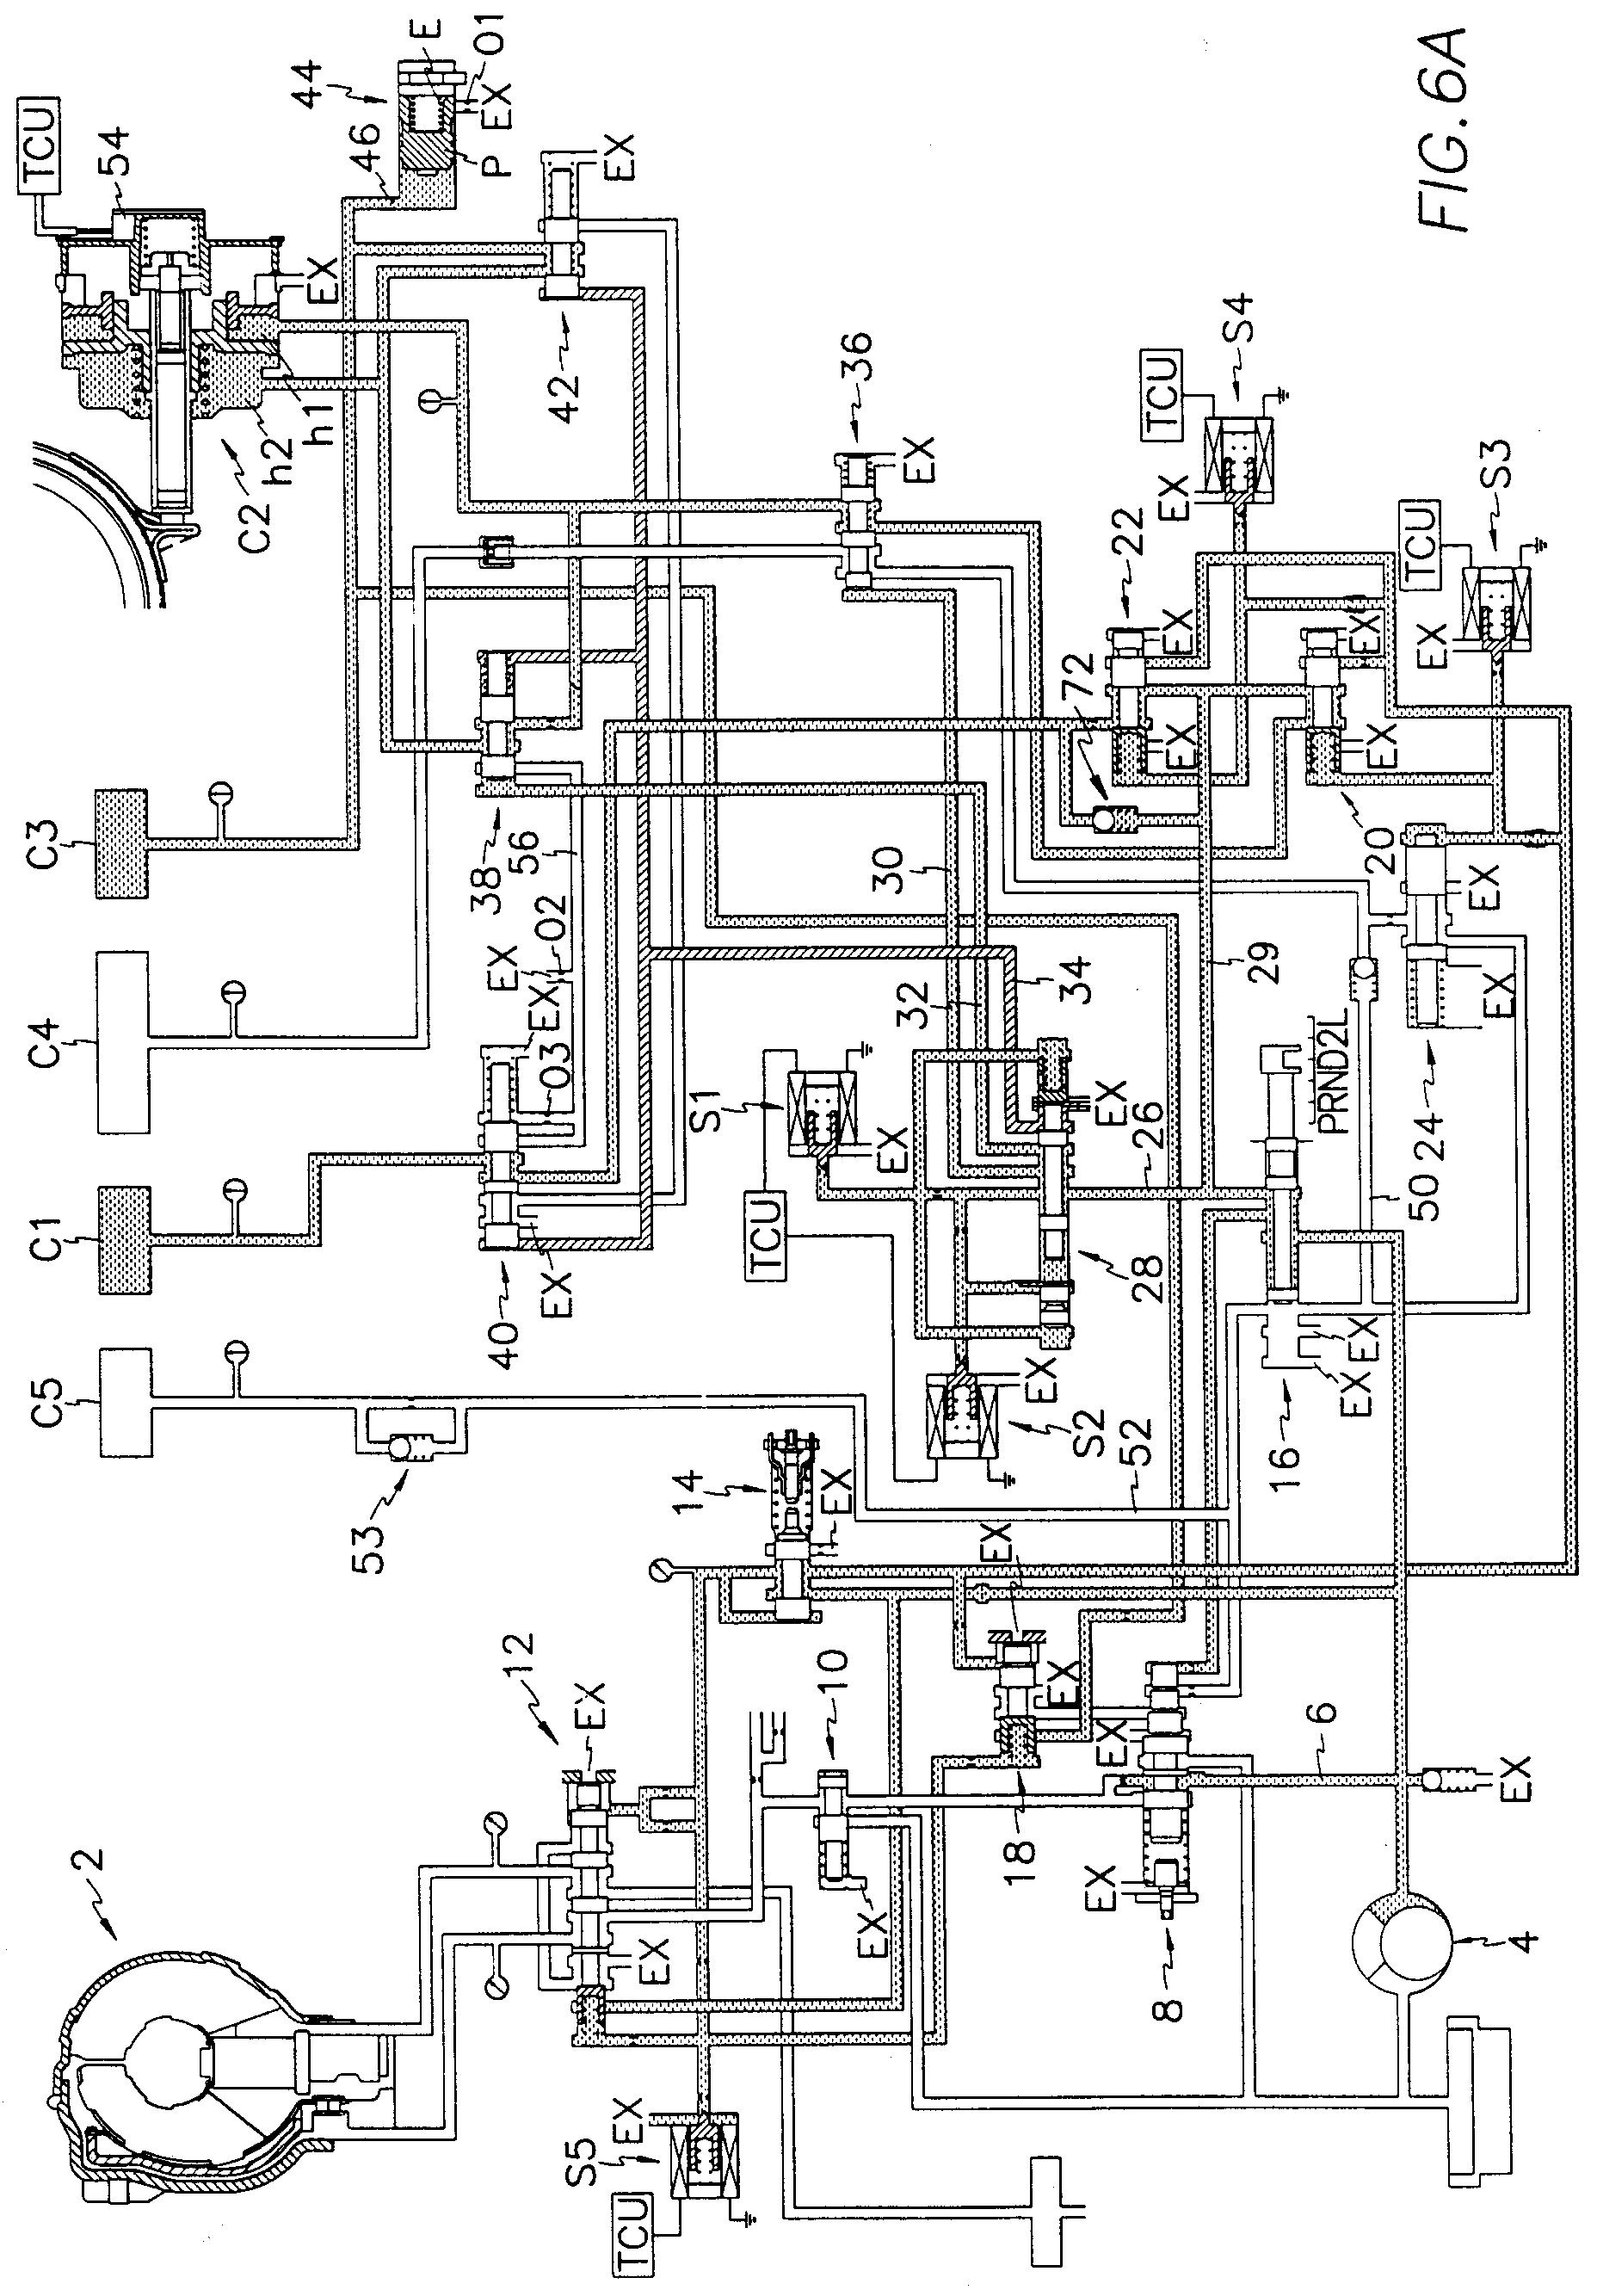 international s1900 wiring diagram westwood mower    wiring       diagram    google search fig 6a  westwood mower    wiring       diagram    google search fig 6a